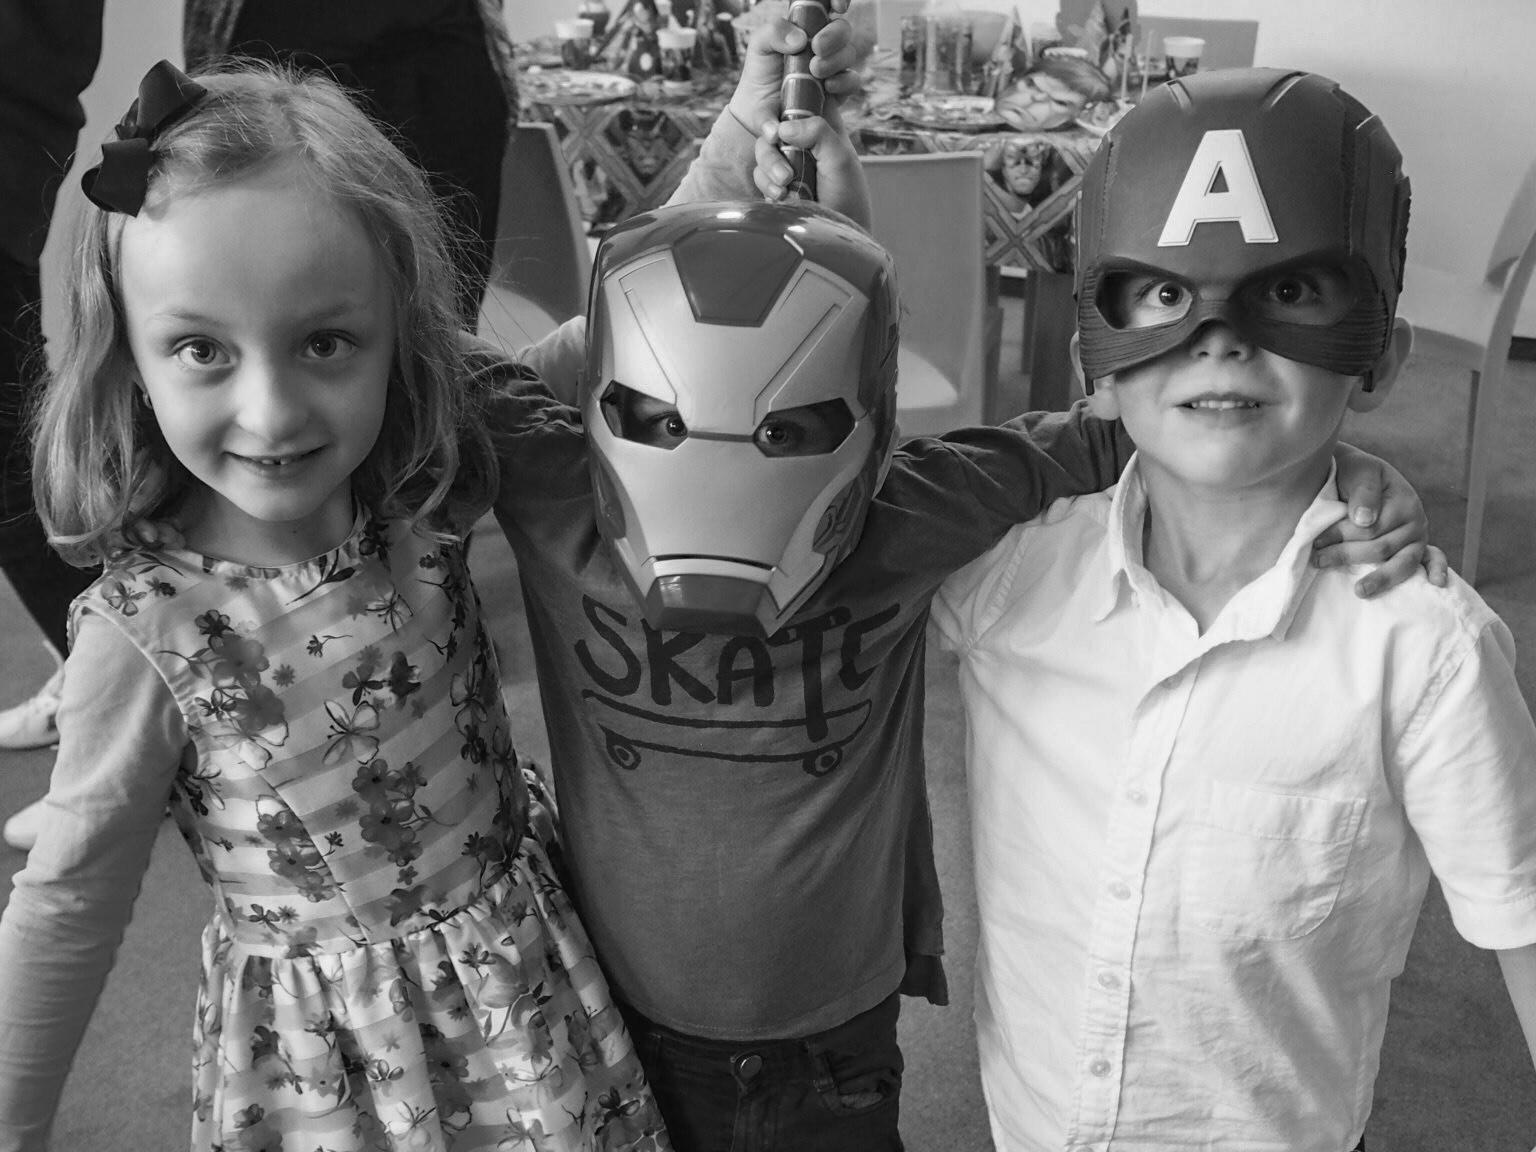 Svatá trojice. Znám ty děti od jejich několika měsíců. Je nádherné vidět jejich vztah. Mají se všichni tři moc rádi :-) Barunka + Tobíček + Lukášek